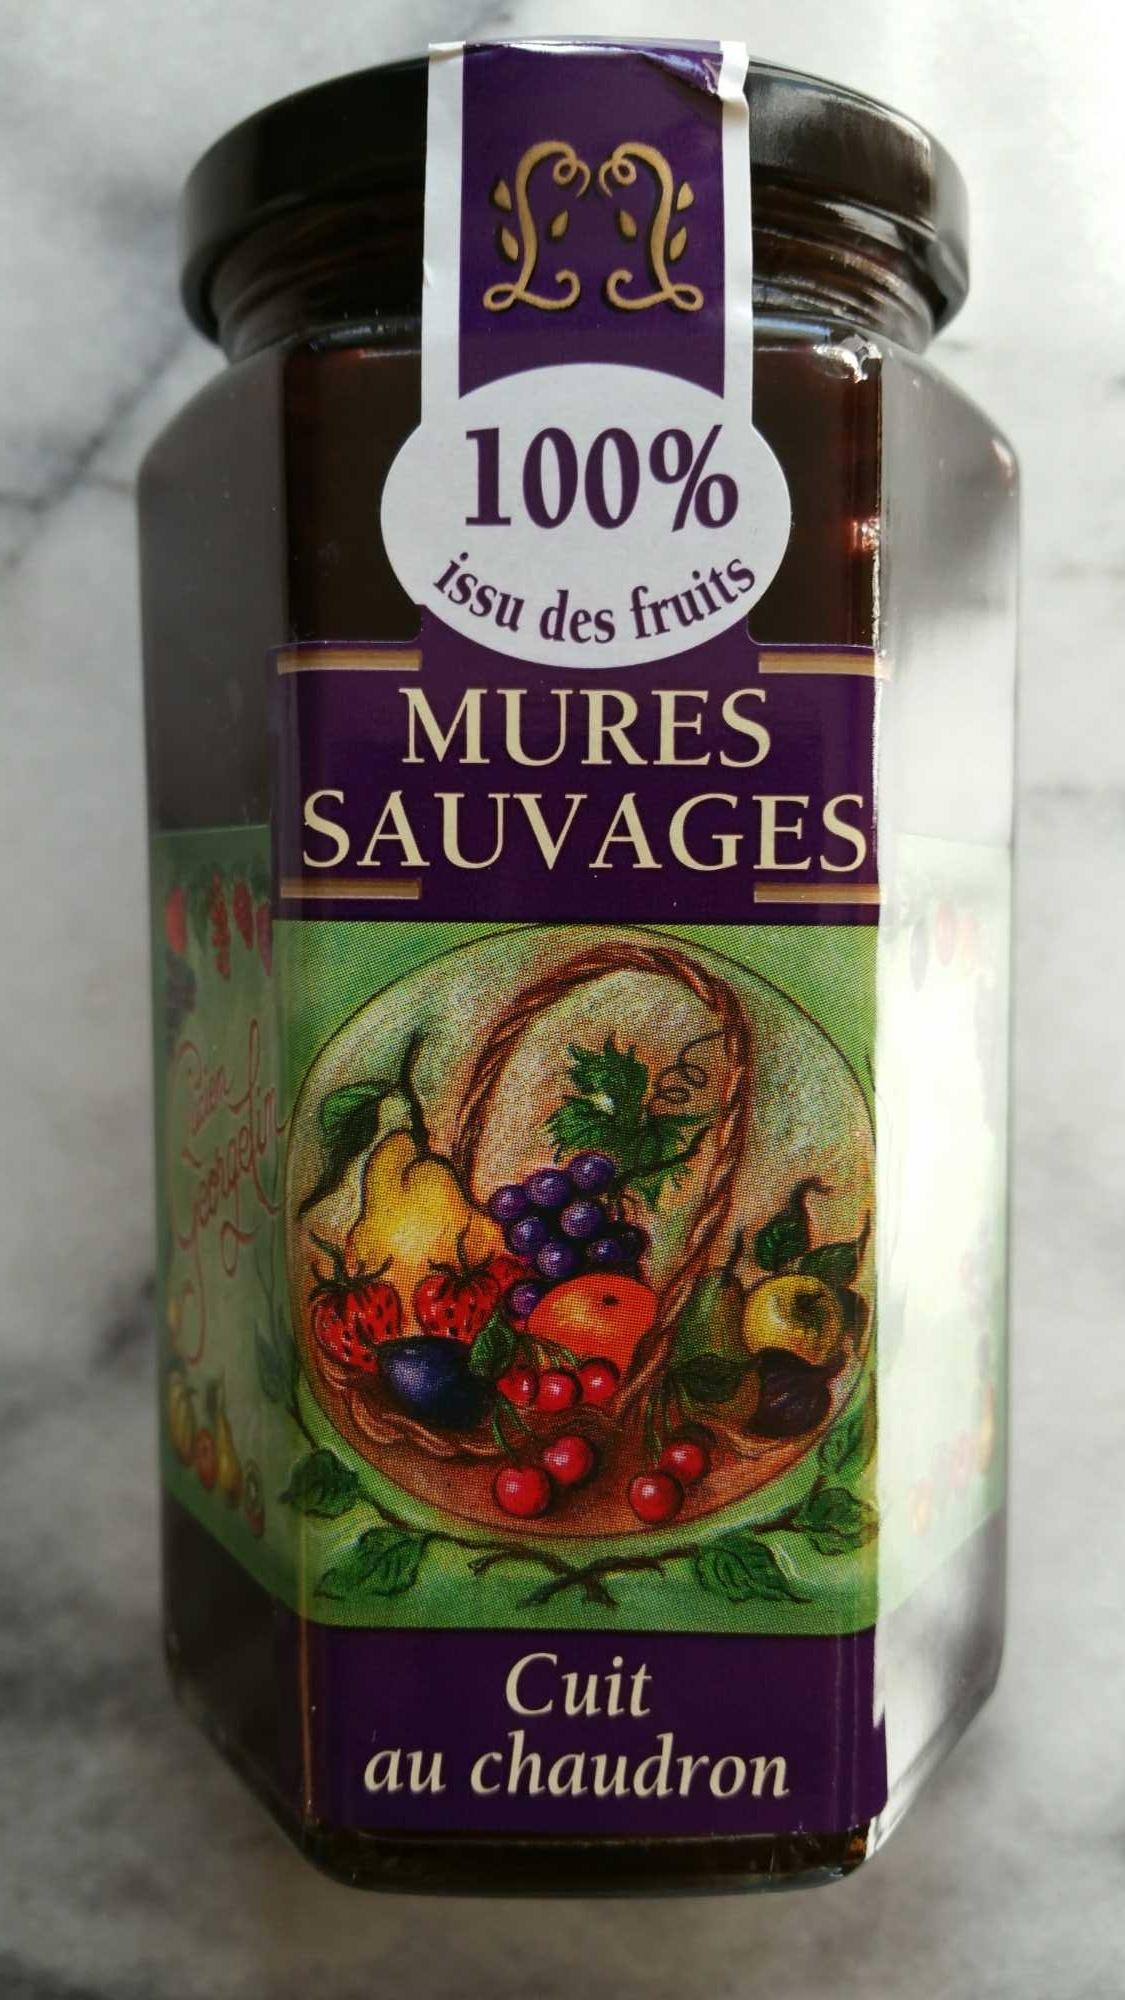 Myrtilles sauvages Cuit au chaudron - Product - fr